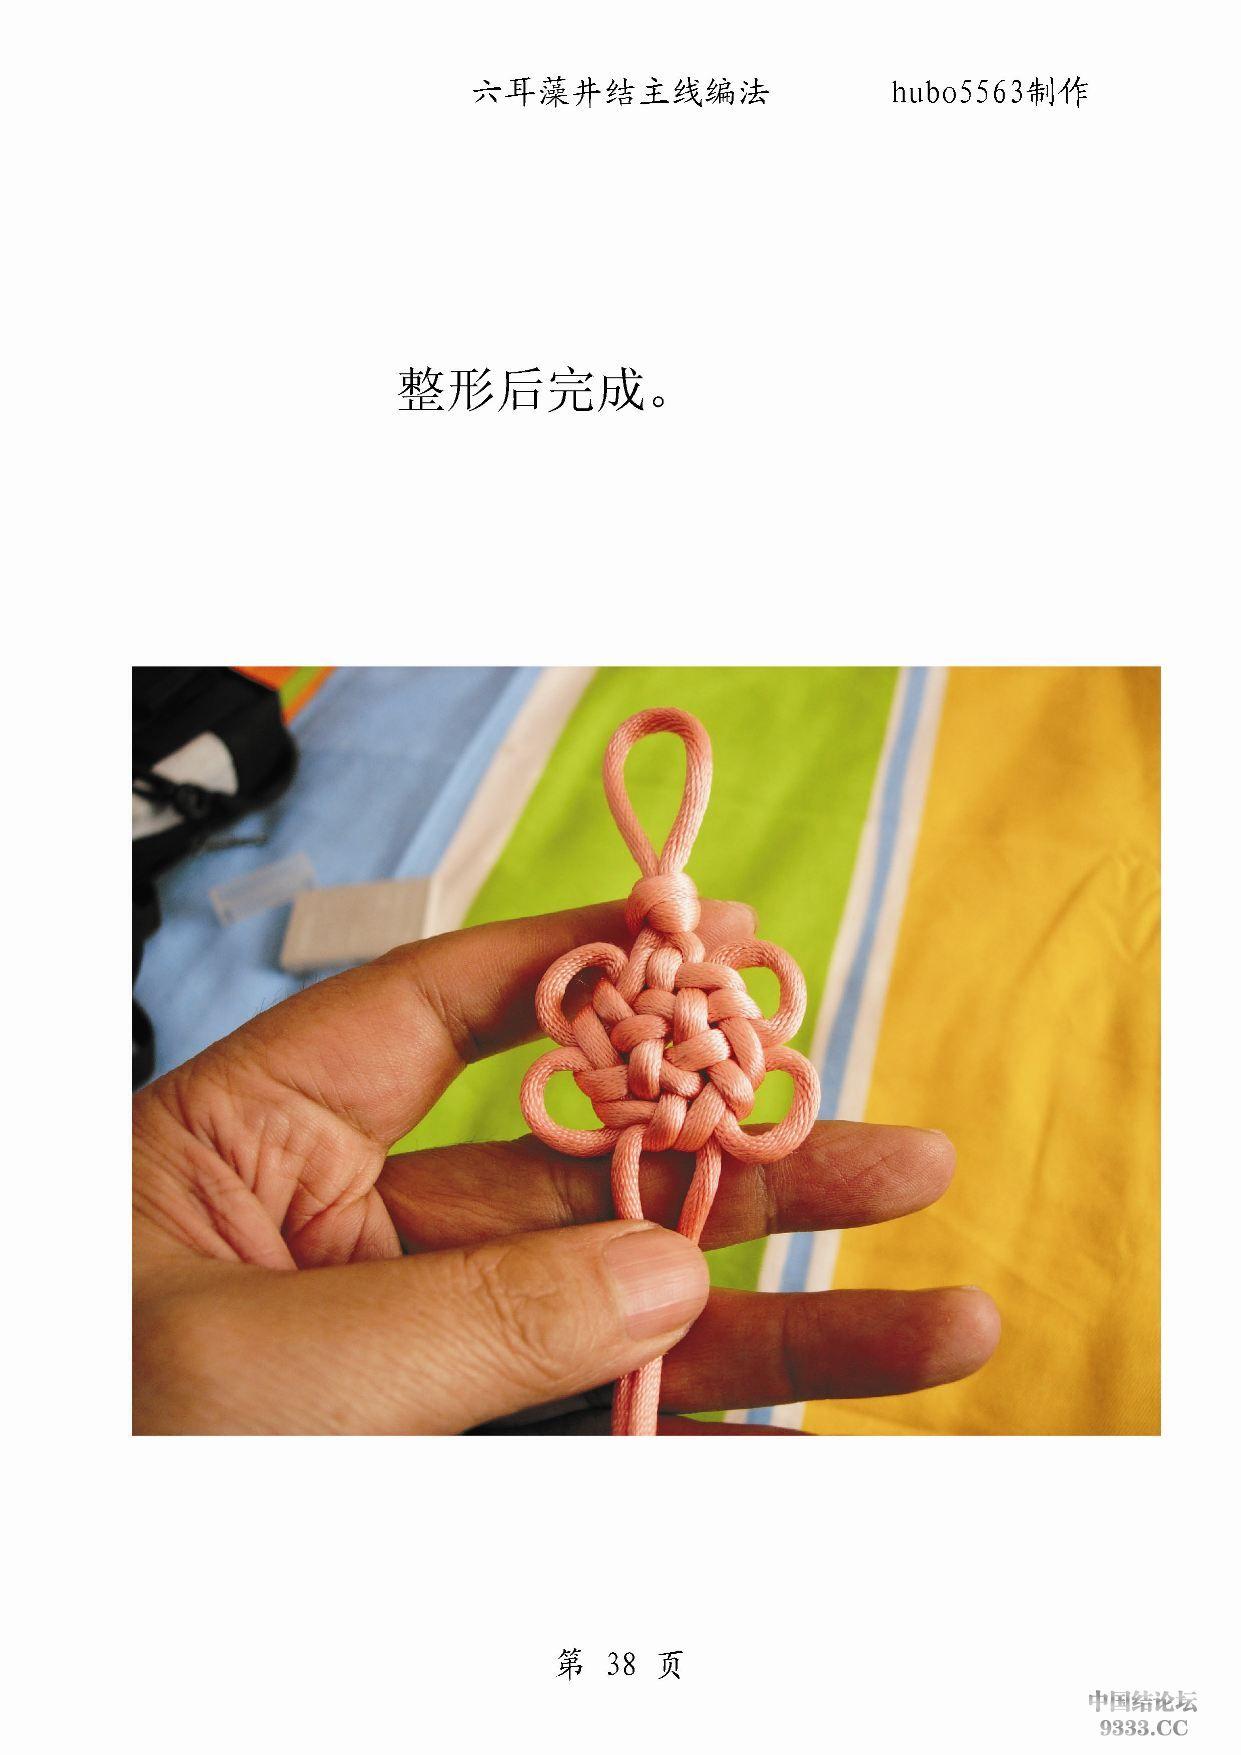 中国结论坛 原创新结---六耳藻井结主线编法徒手教程  基本结-新手入门必看 10021922160eaa7edad7857ed7